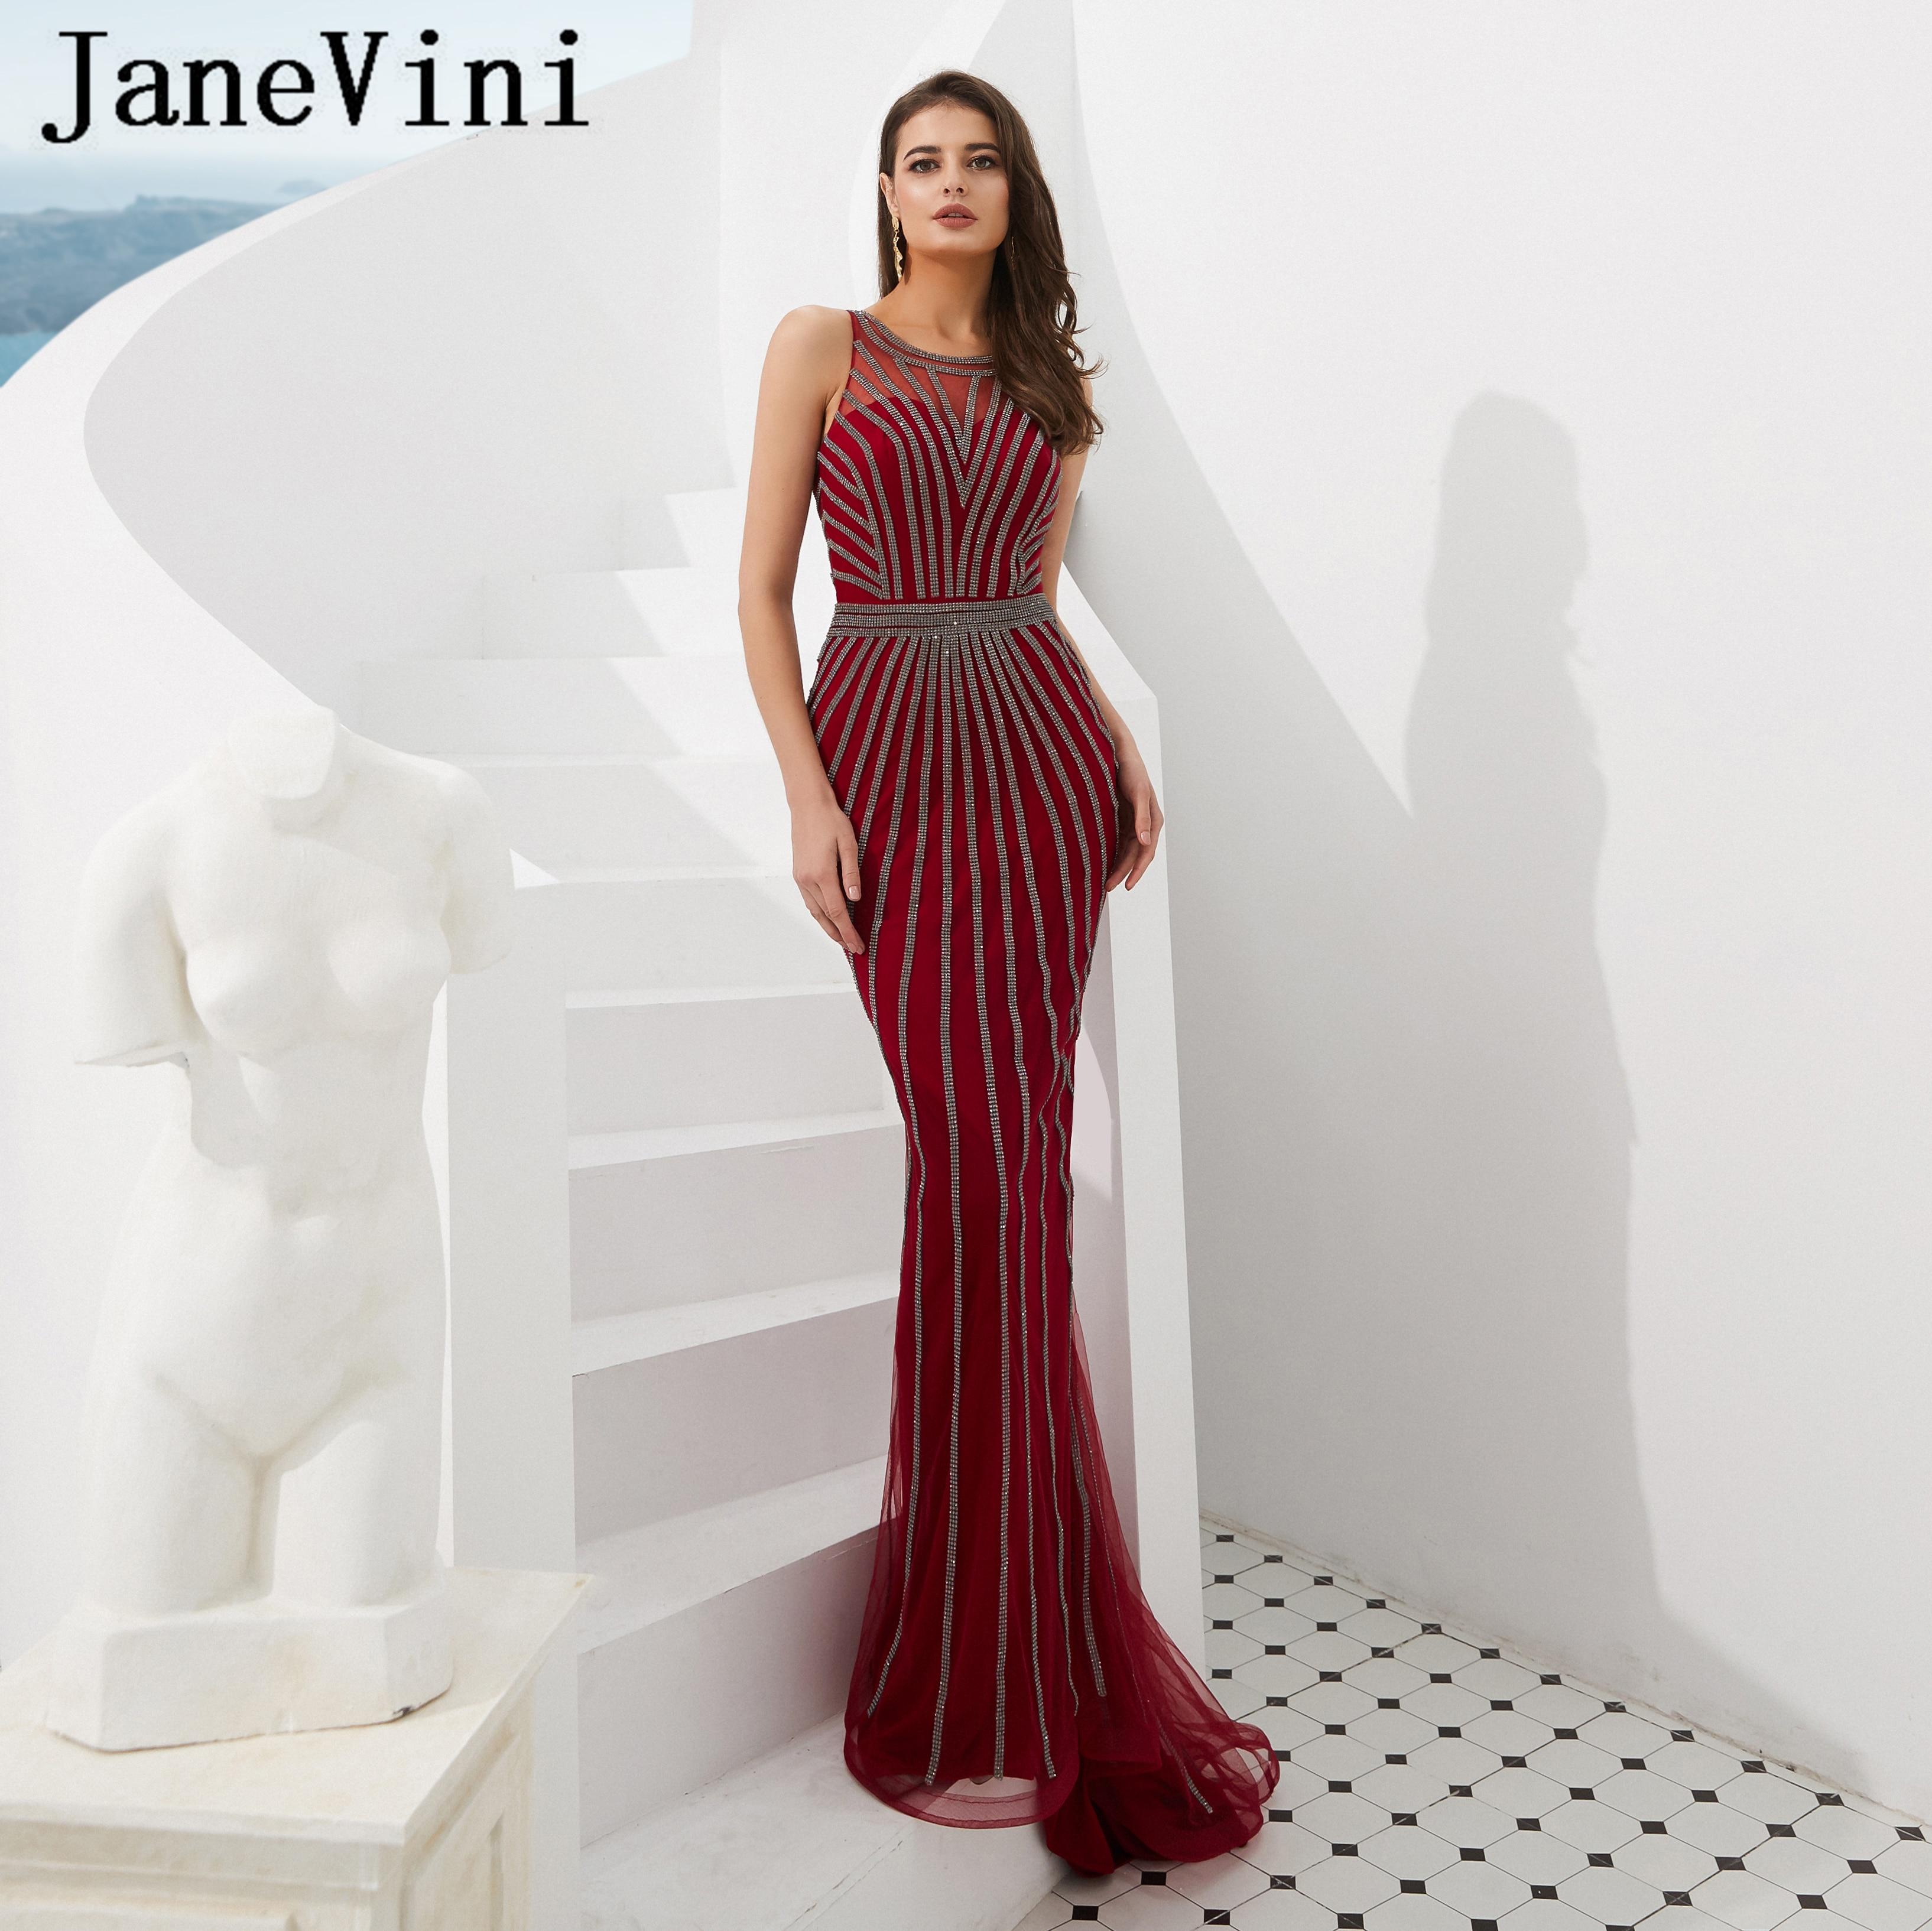 JaneVini 2019 New Arrival Long Burgundy   Prom     Dresses   Luxury Full Beaded Sleeveless Tulle Mermaid Evening Party Gowns Gala Jurken